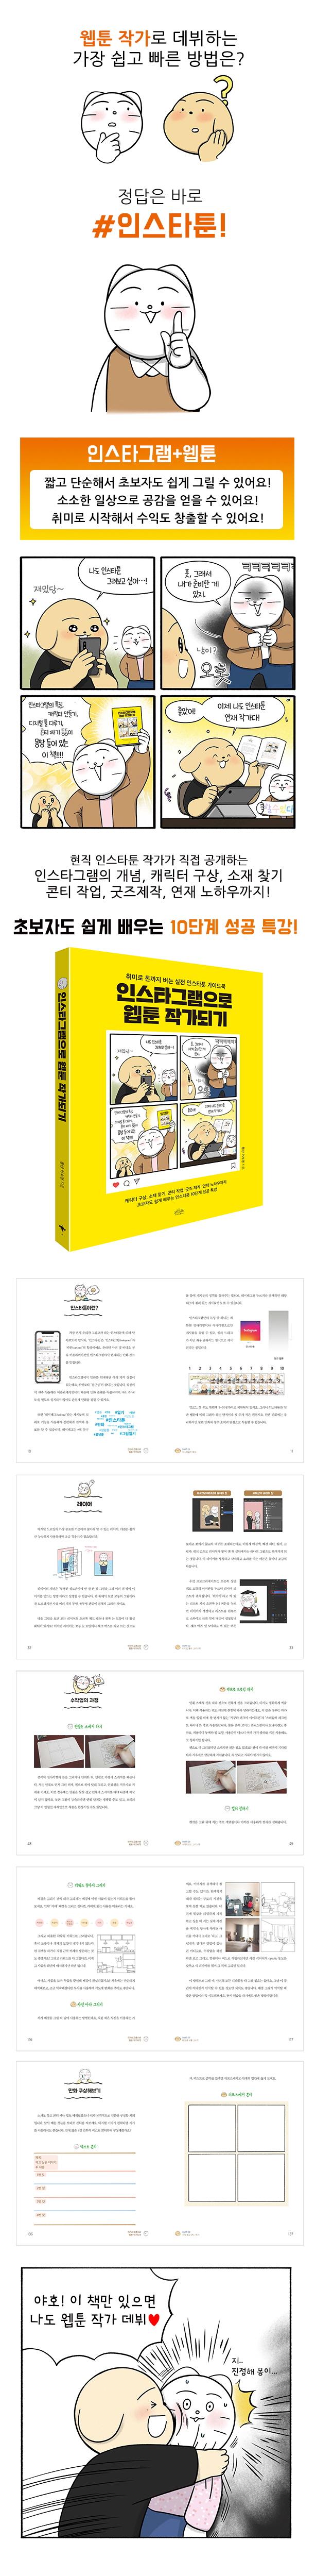 인스타그램으로 웹툰 작가되기 도서 상세이미지